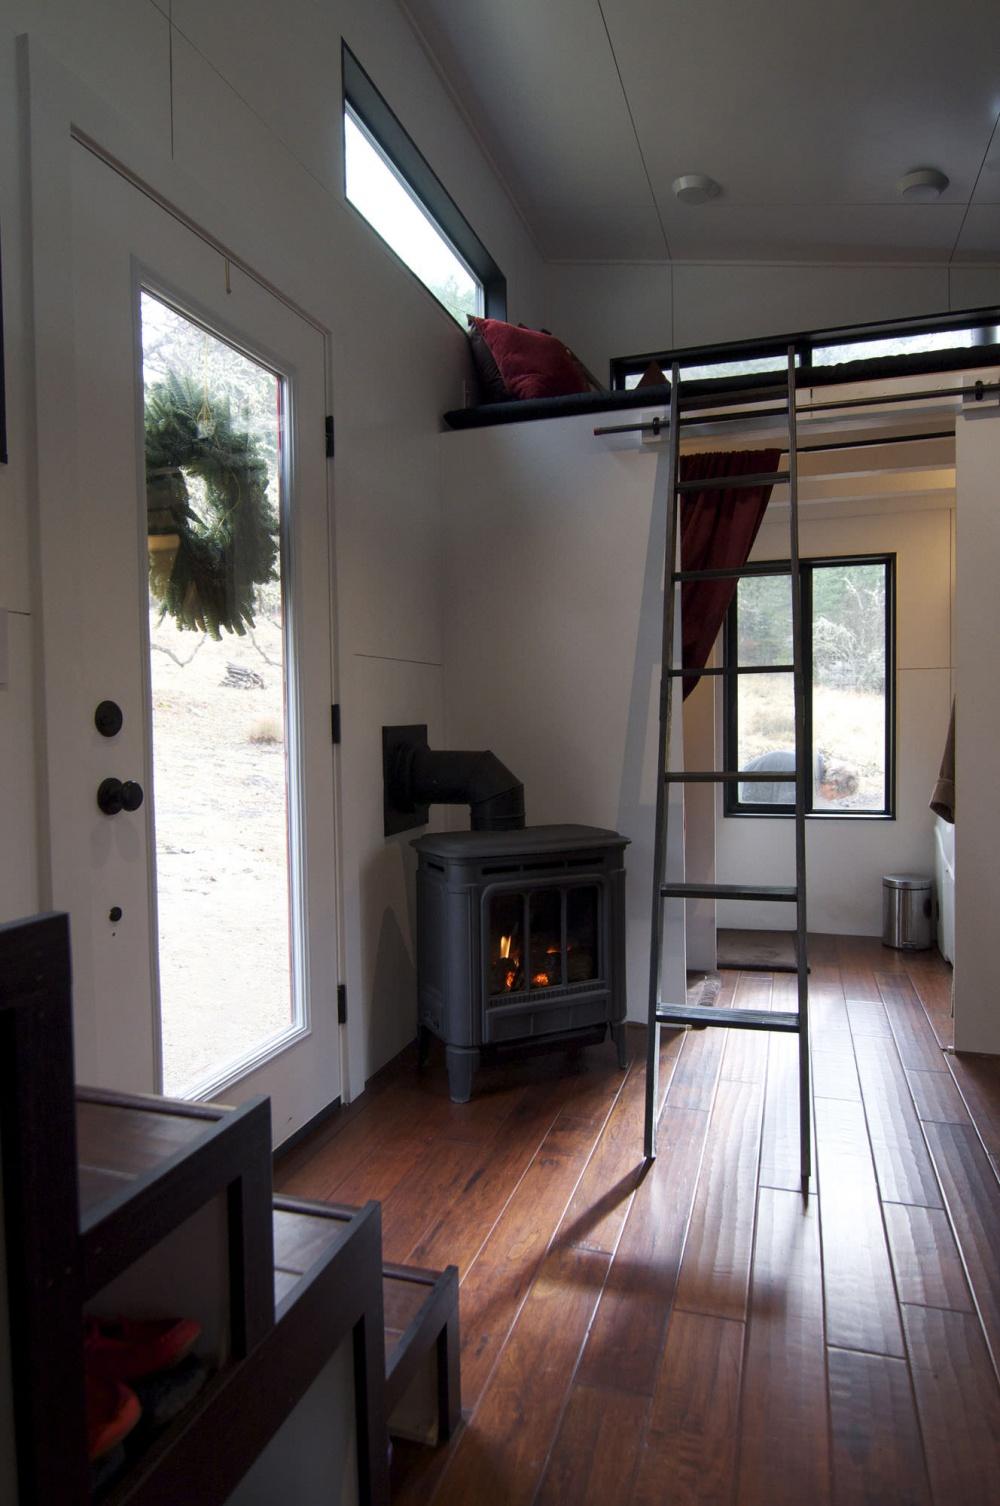 Эти фотографии вочередной раз доказывают, что ималенький дом можно сделать функциональным иуютным